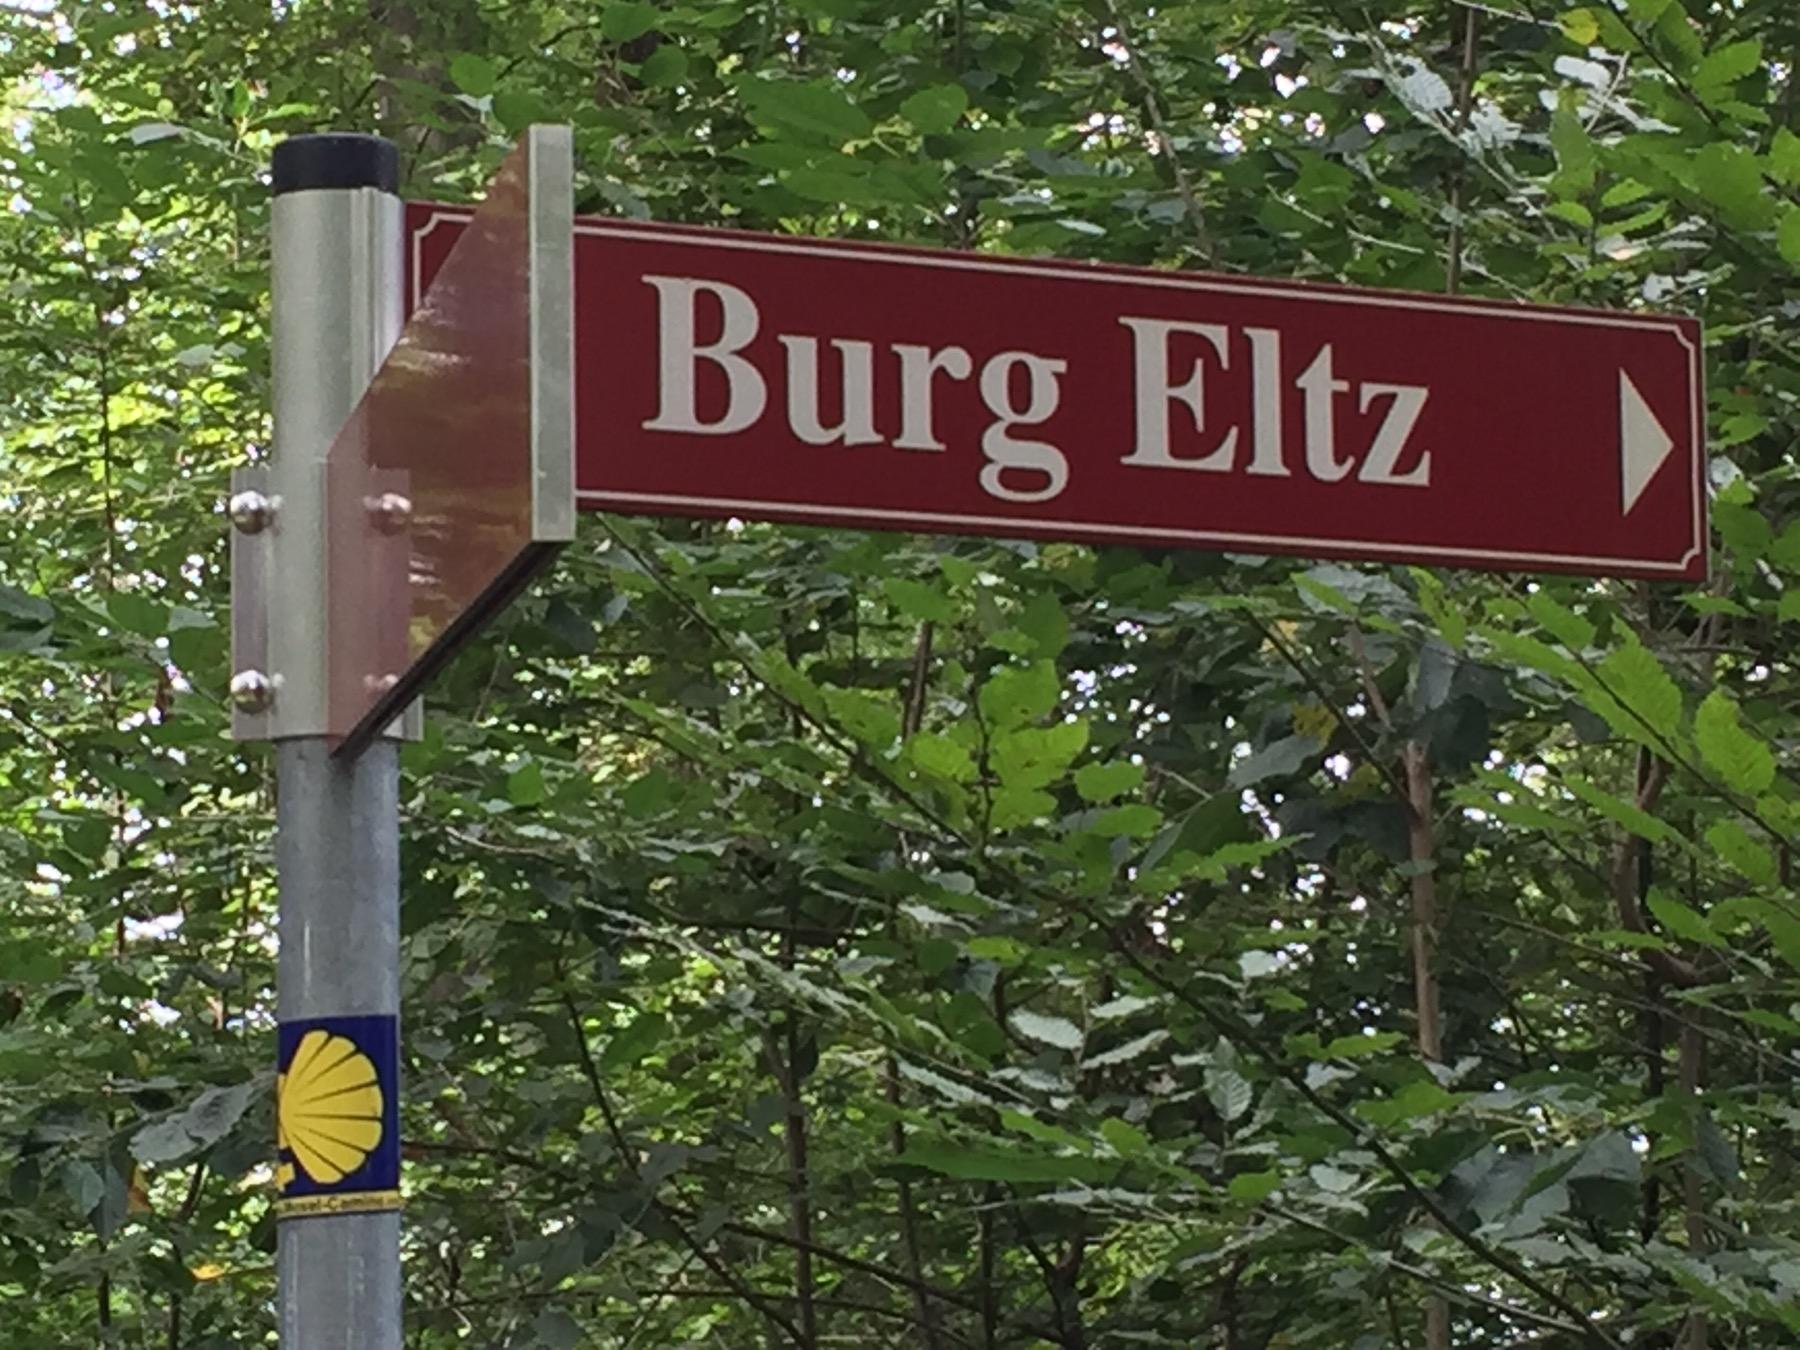 Kurz vor Bulg Eltz